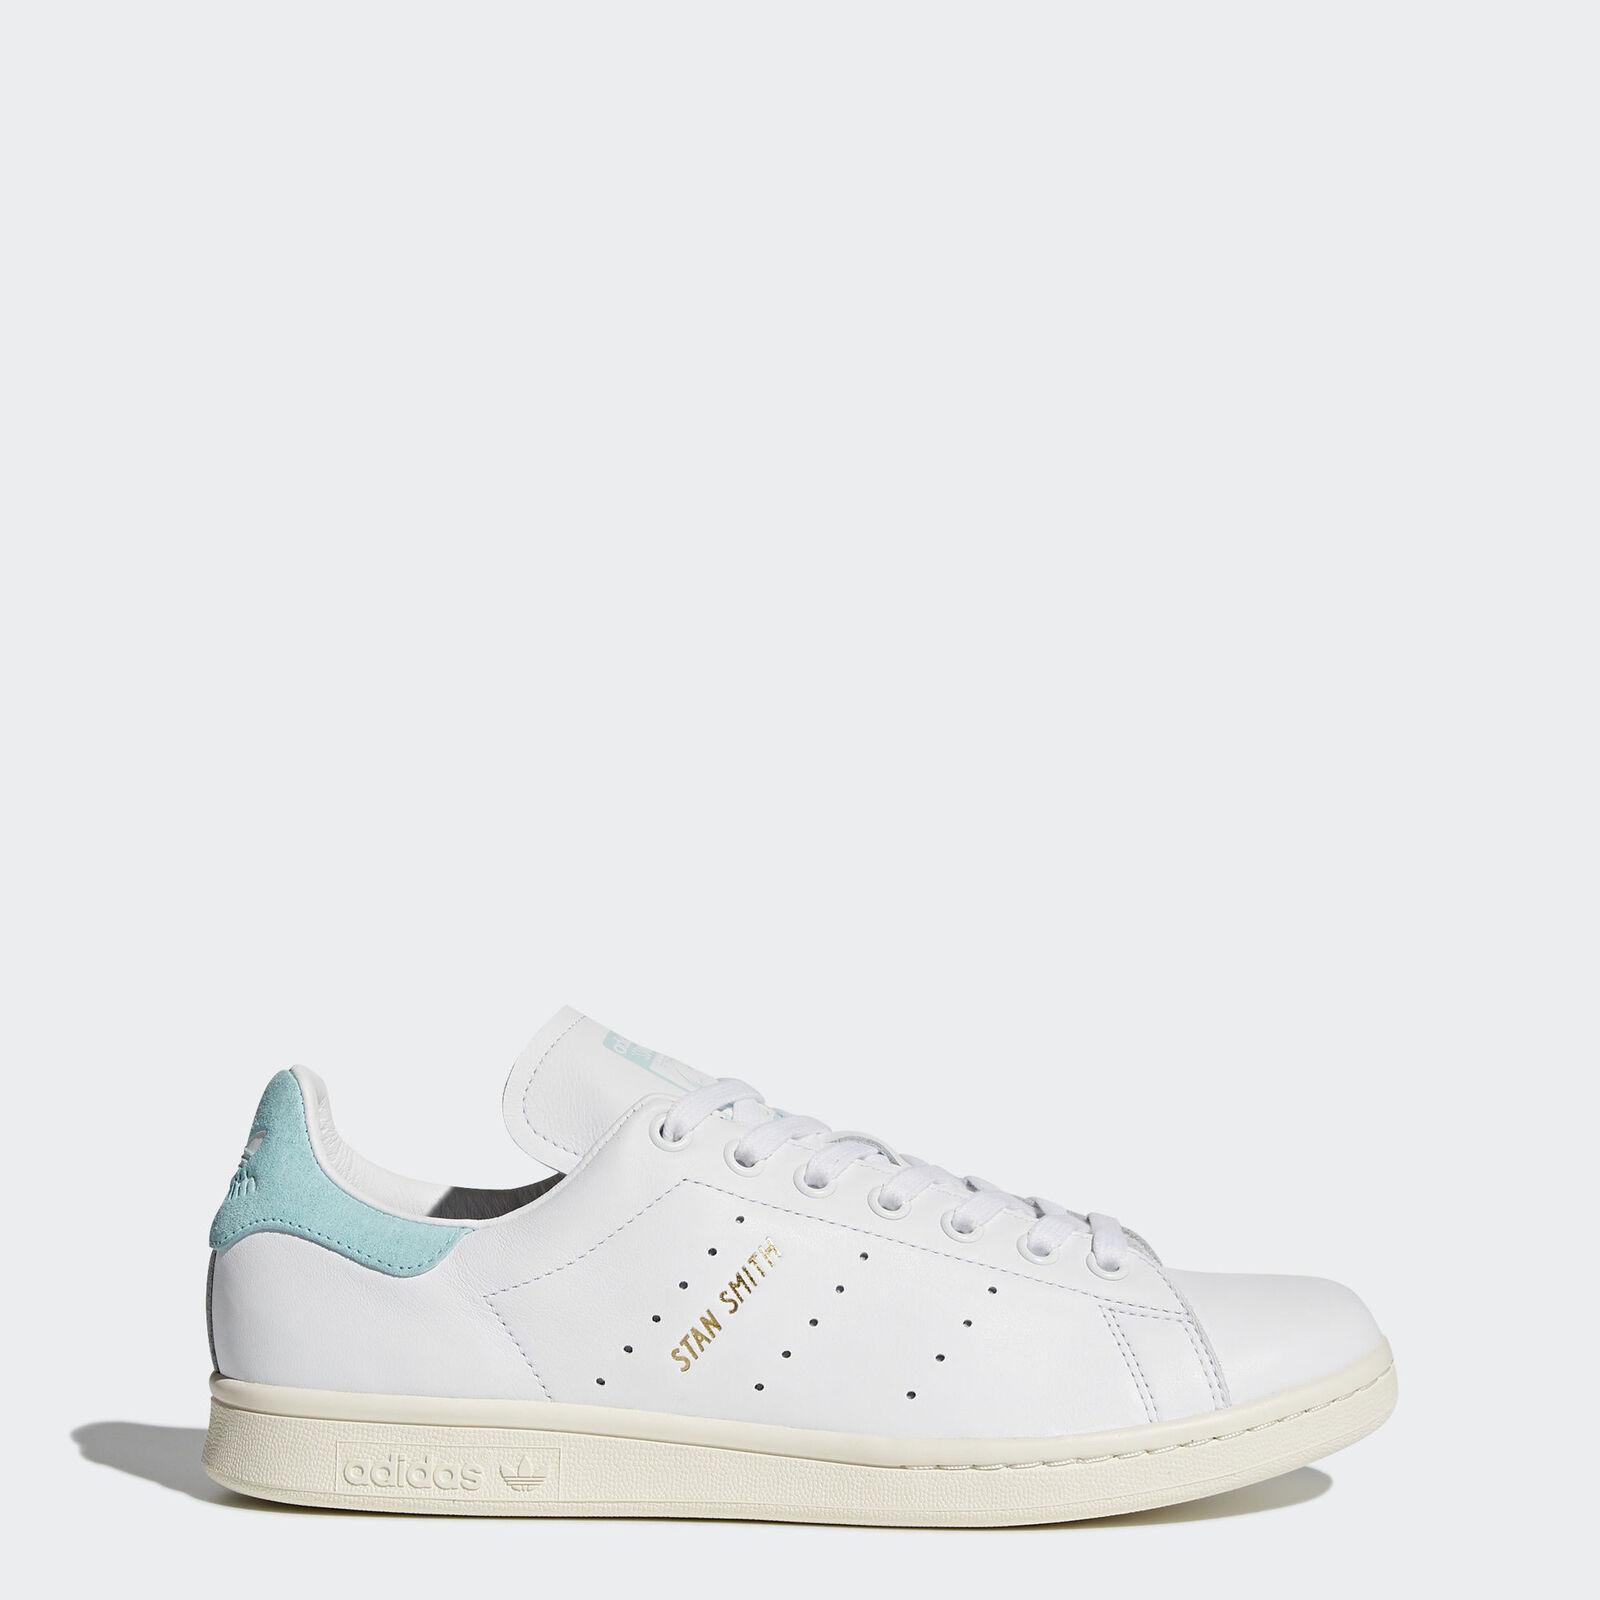 Adidas Originals Stan / Smith [bz0461] hombres casual zapatos blanco / Stan energía Aqua f06d56